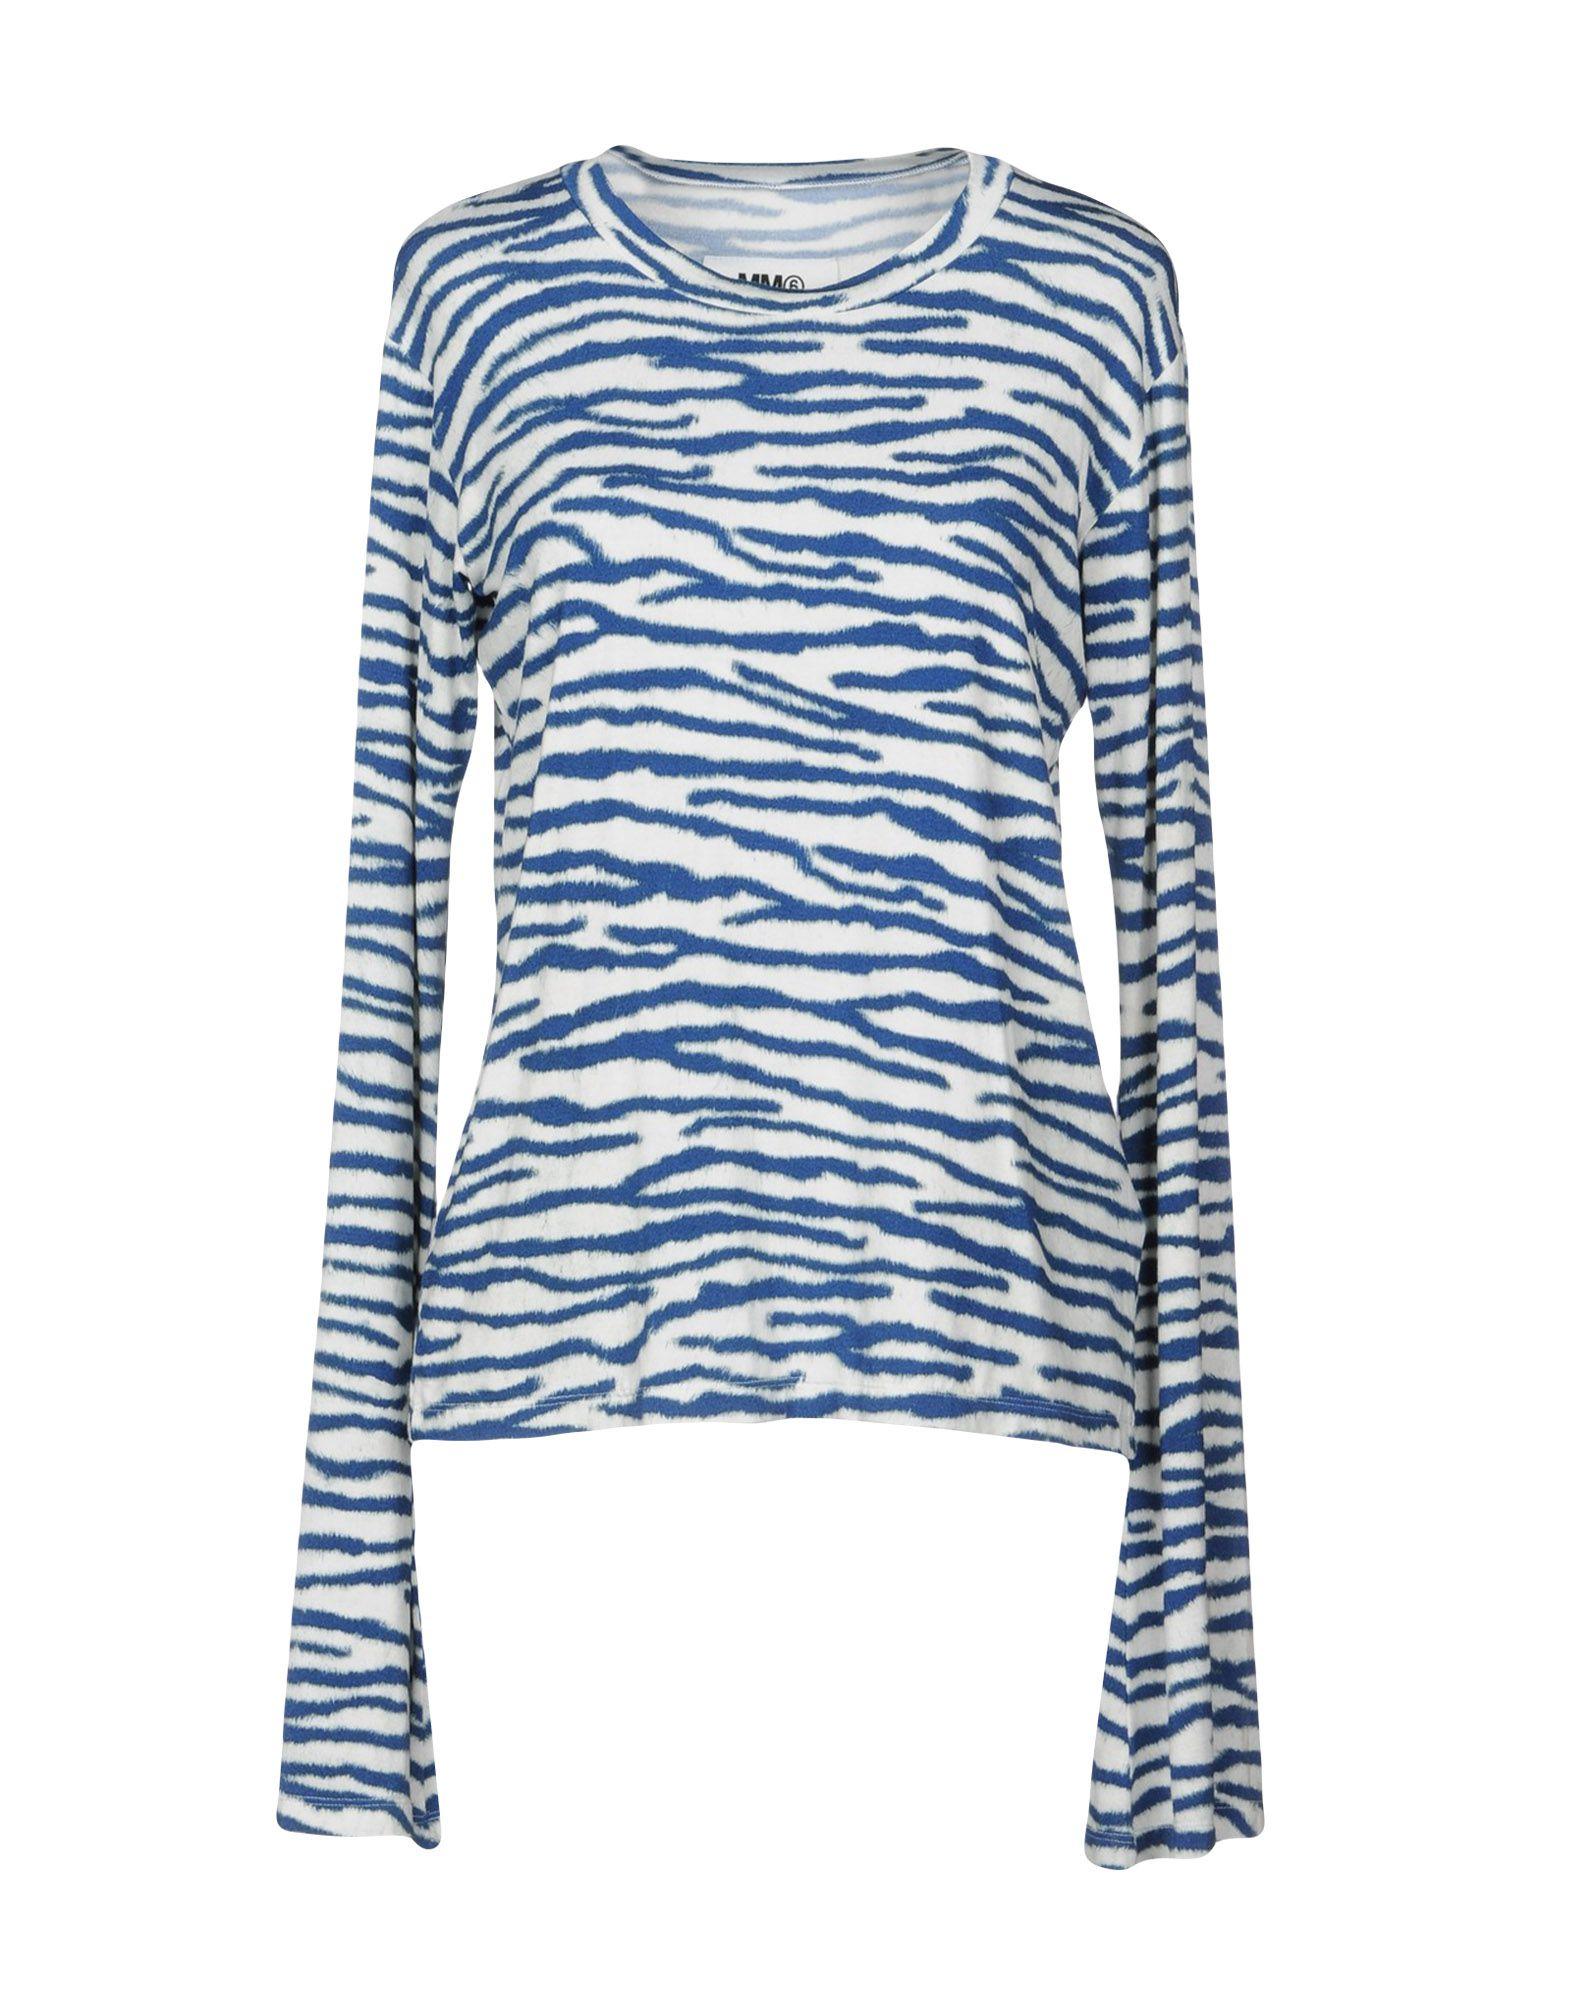 Margiela shirt Maison FemmeSur En Buys Ligne T Mm6 OuTXkZPi